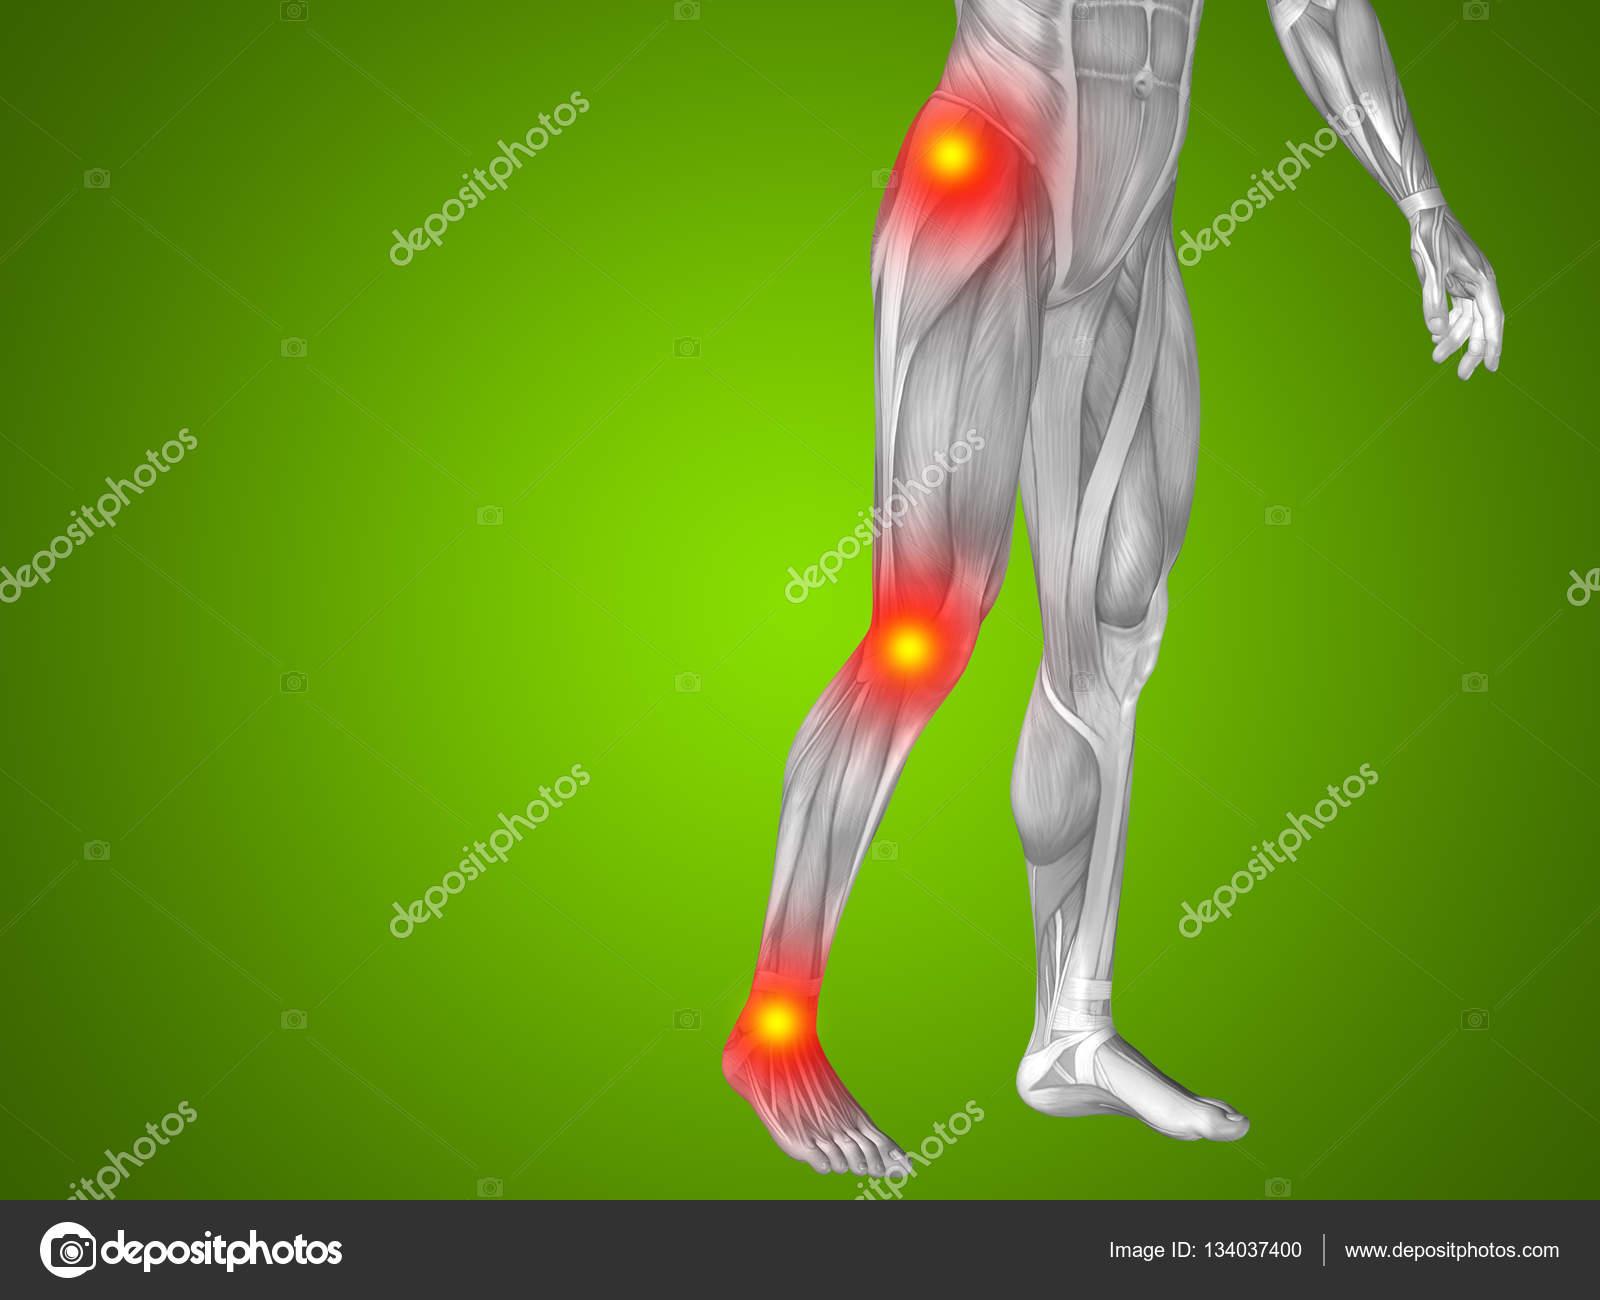 Mann menschlich Anatomie Unterkörper — Stockfoto © design36 #134037400